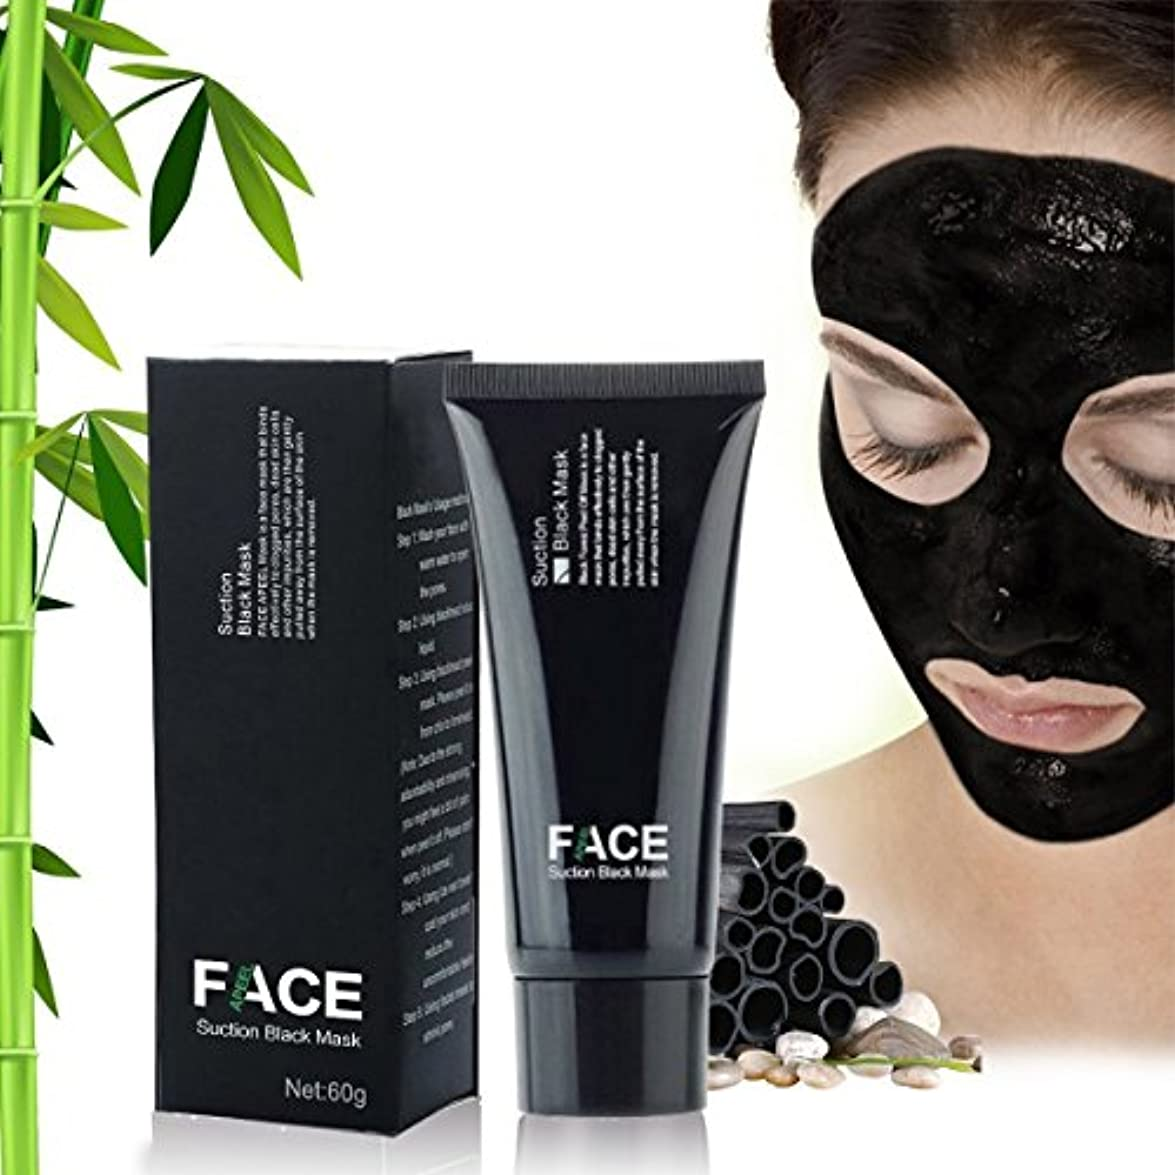 身元混合湾Face Apeel Blackhead Remover - Peel-off Mask for Men and Women - Deep Cleans Better than Pore Strips for Instantly